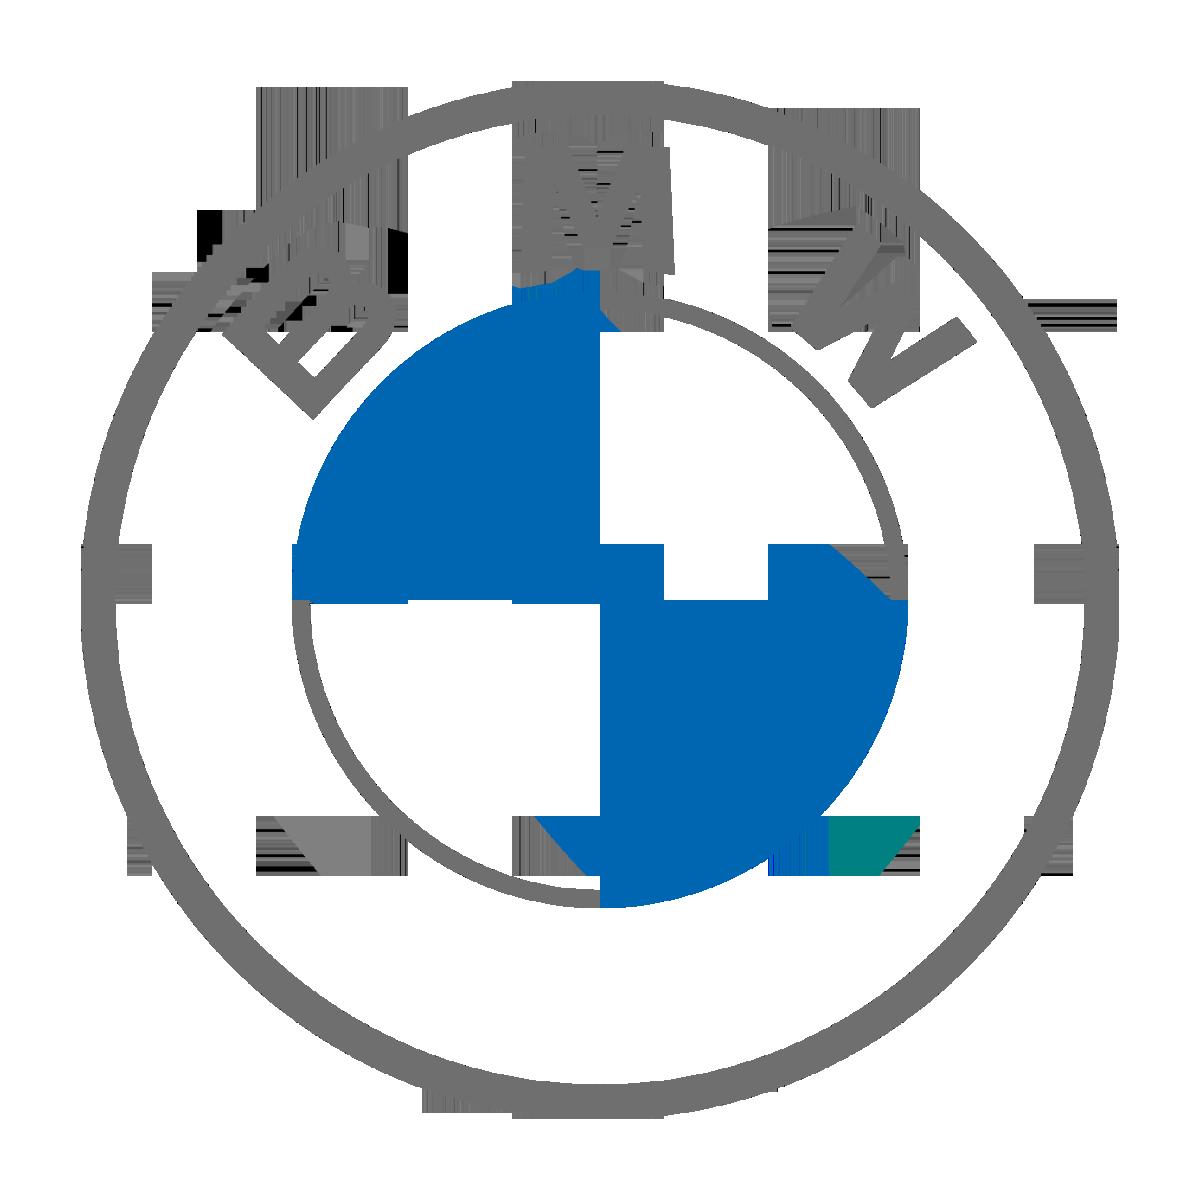 Bmw logo 2020 grey